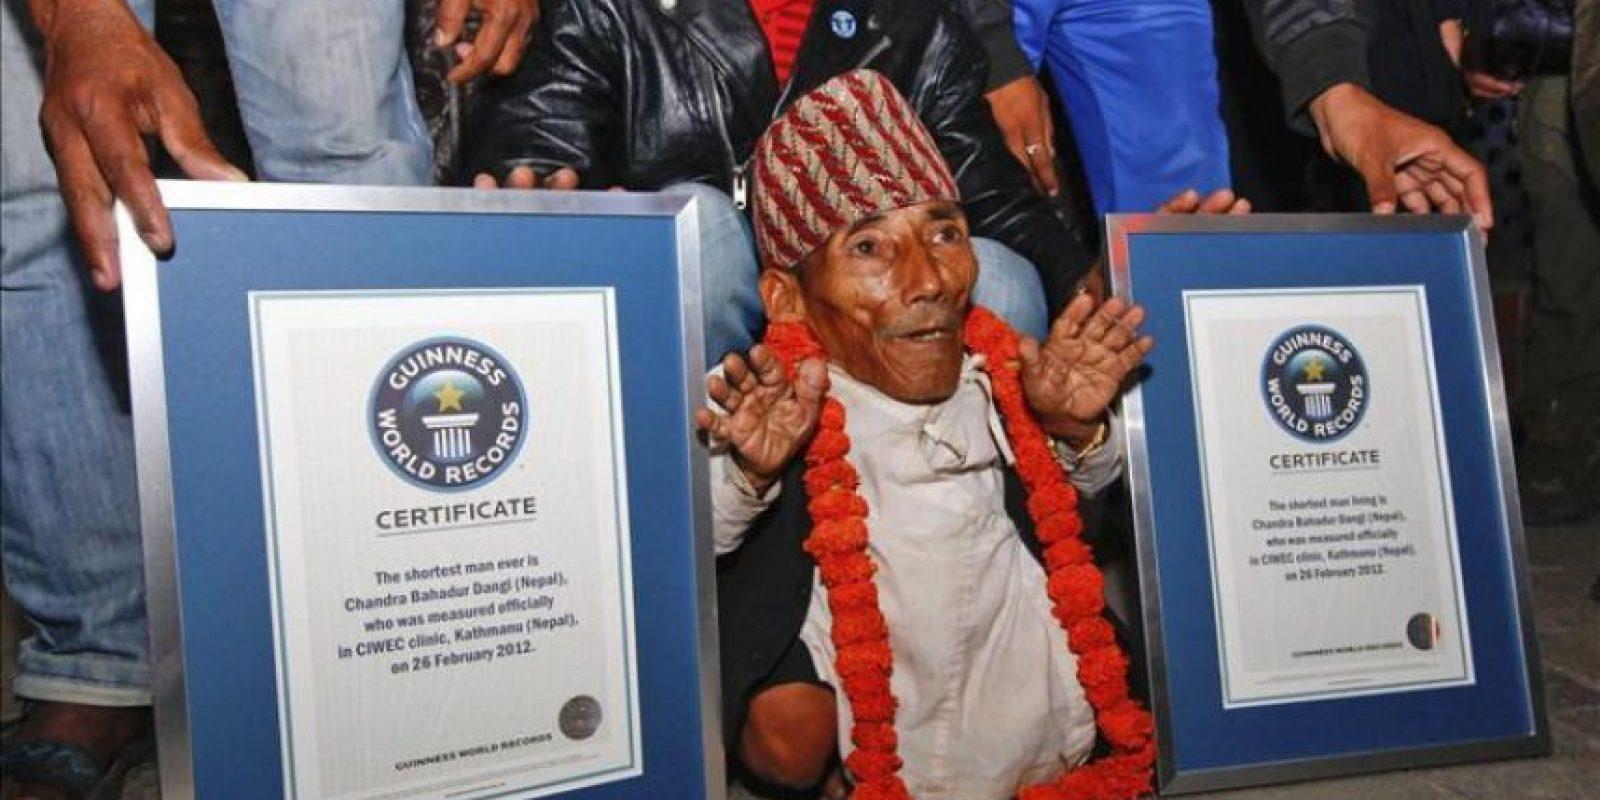 El nepalí Chandra Bahadur Dangi, de 72 años, posa para los fotógrafos tras ser reconocido oficialmente por la organización Guinness de los Récords como el hombre más pequeño del mundo en Katmandú (Nepal) hoy, domingo 26 de febrero de 2012. Dangi, que mide 55,8 centímetros, reemplaza en la lista al filipino Junrey Balawing (59,3 centímetros), que fue declarado el hombre más pequeño del mundo el pasado junio, al cumplir 18 años. EFE